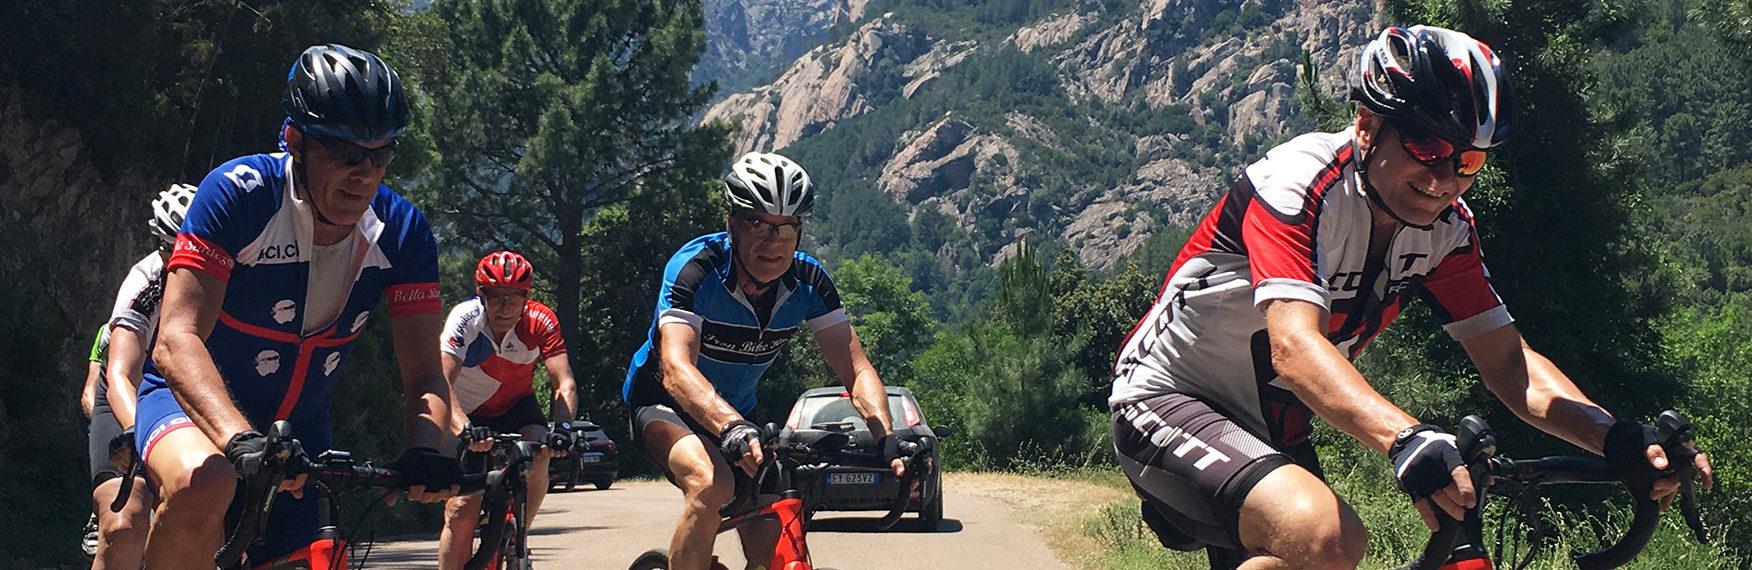 Rennradferien, Radreisen in die Schweiz